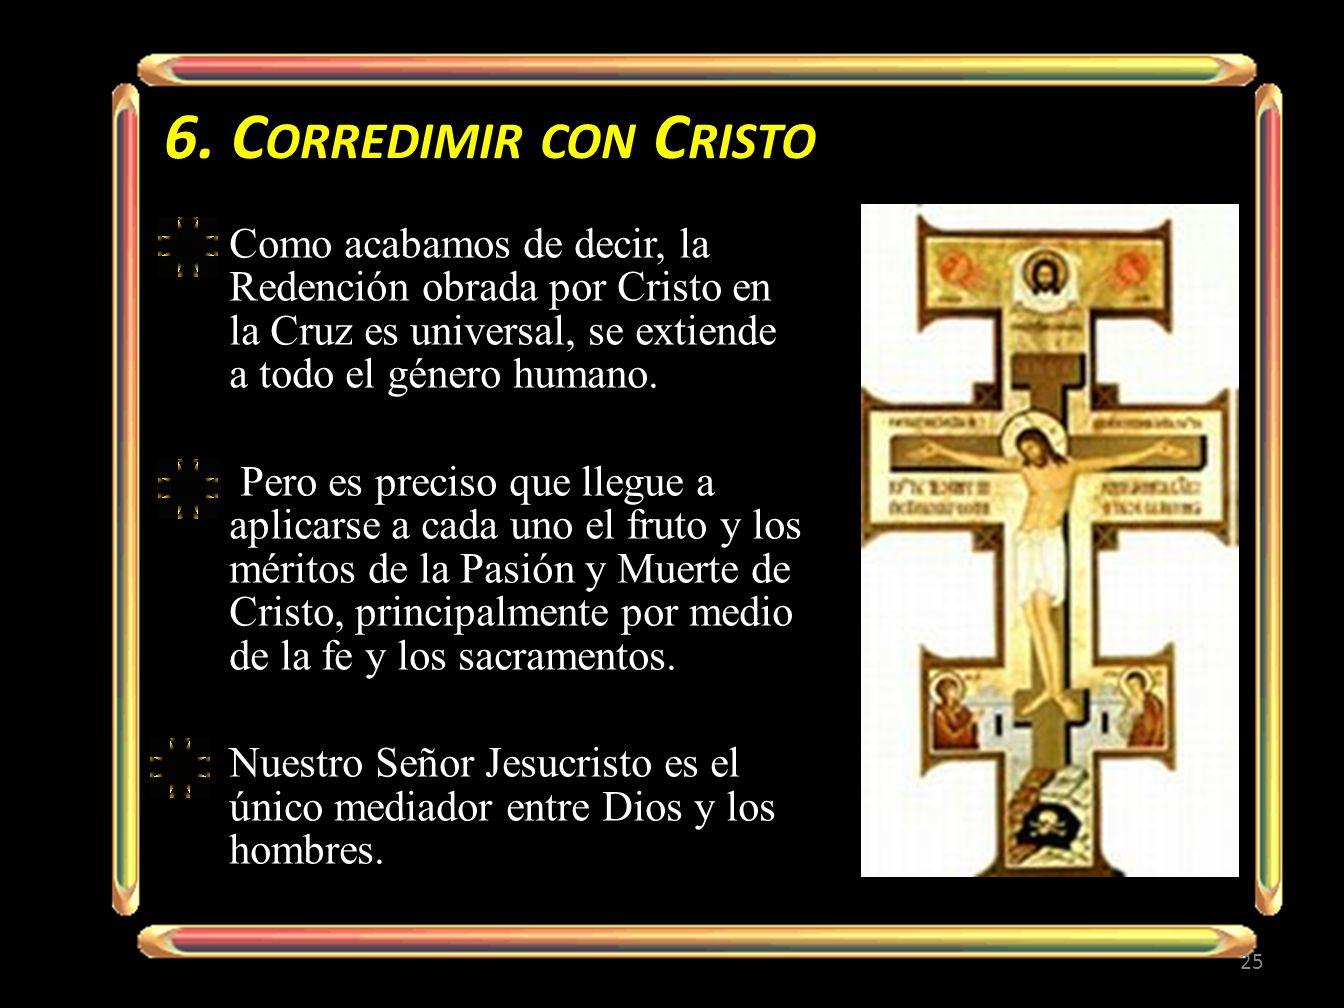 6. Corredimir con CristoComo acabamos de decir, la Redención obrada por Cristo en la Cruz es universal, se extiende a todo el género humano.